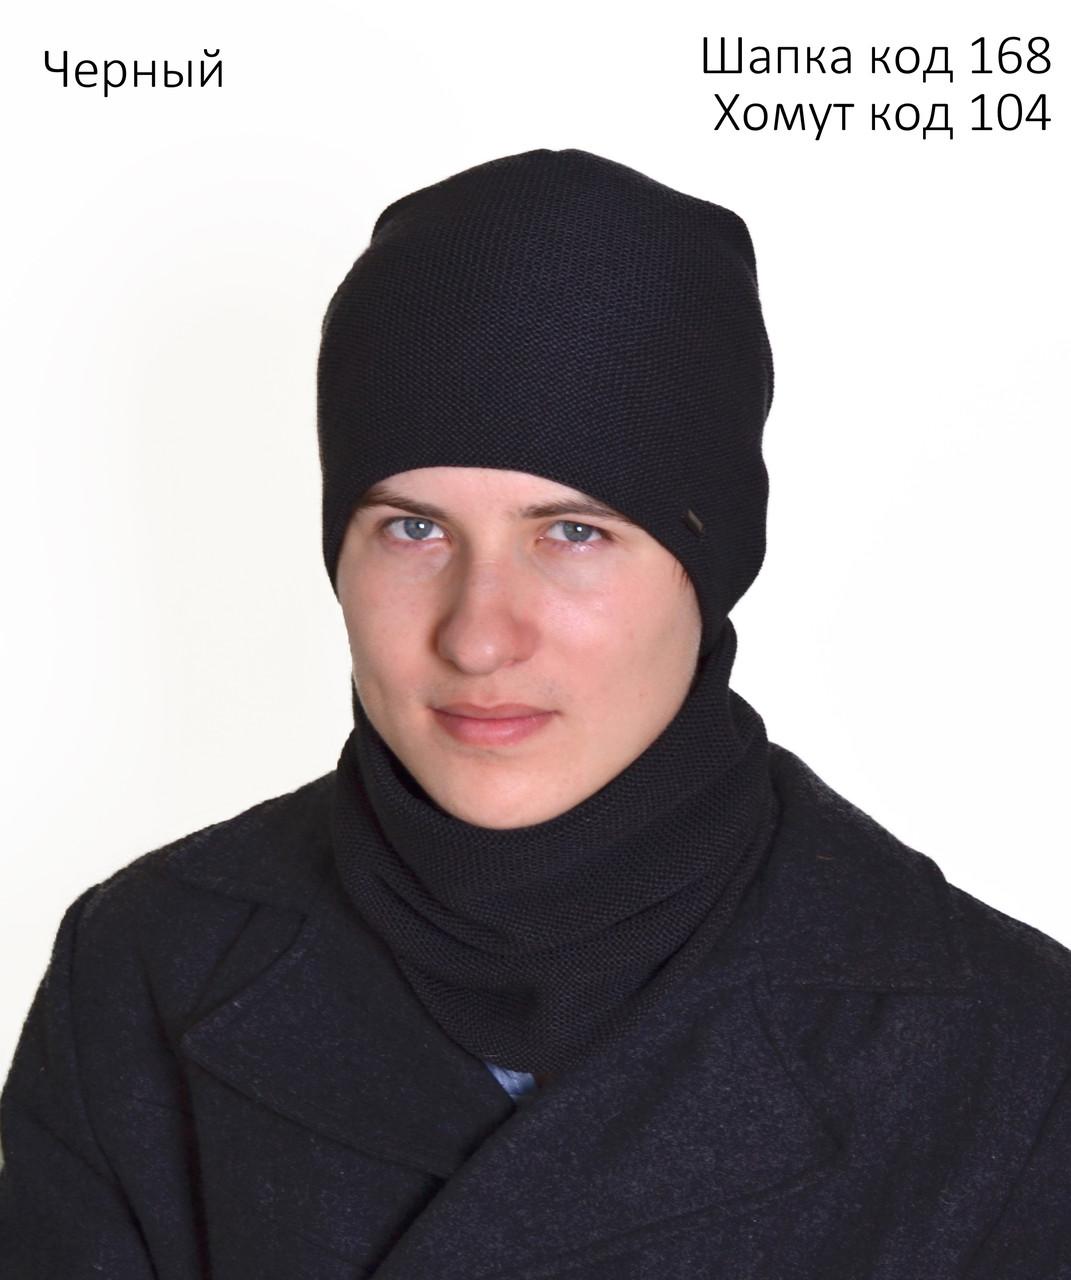 Новинка! Зимняя шапка Лофт полушерсть. р.55-57 Черный